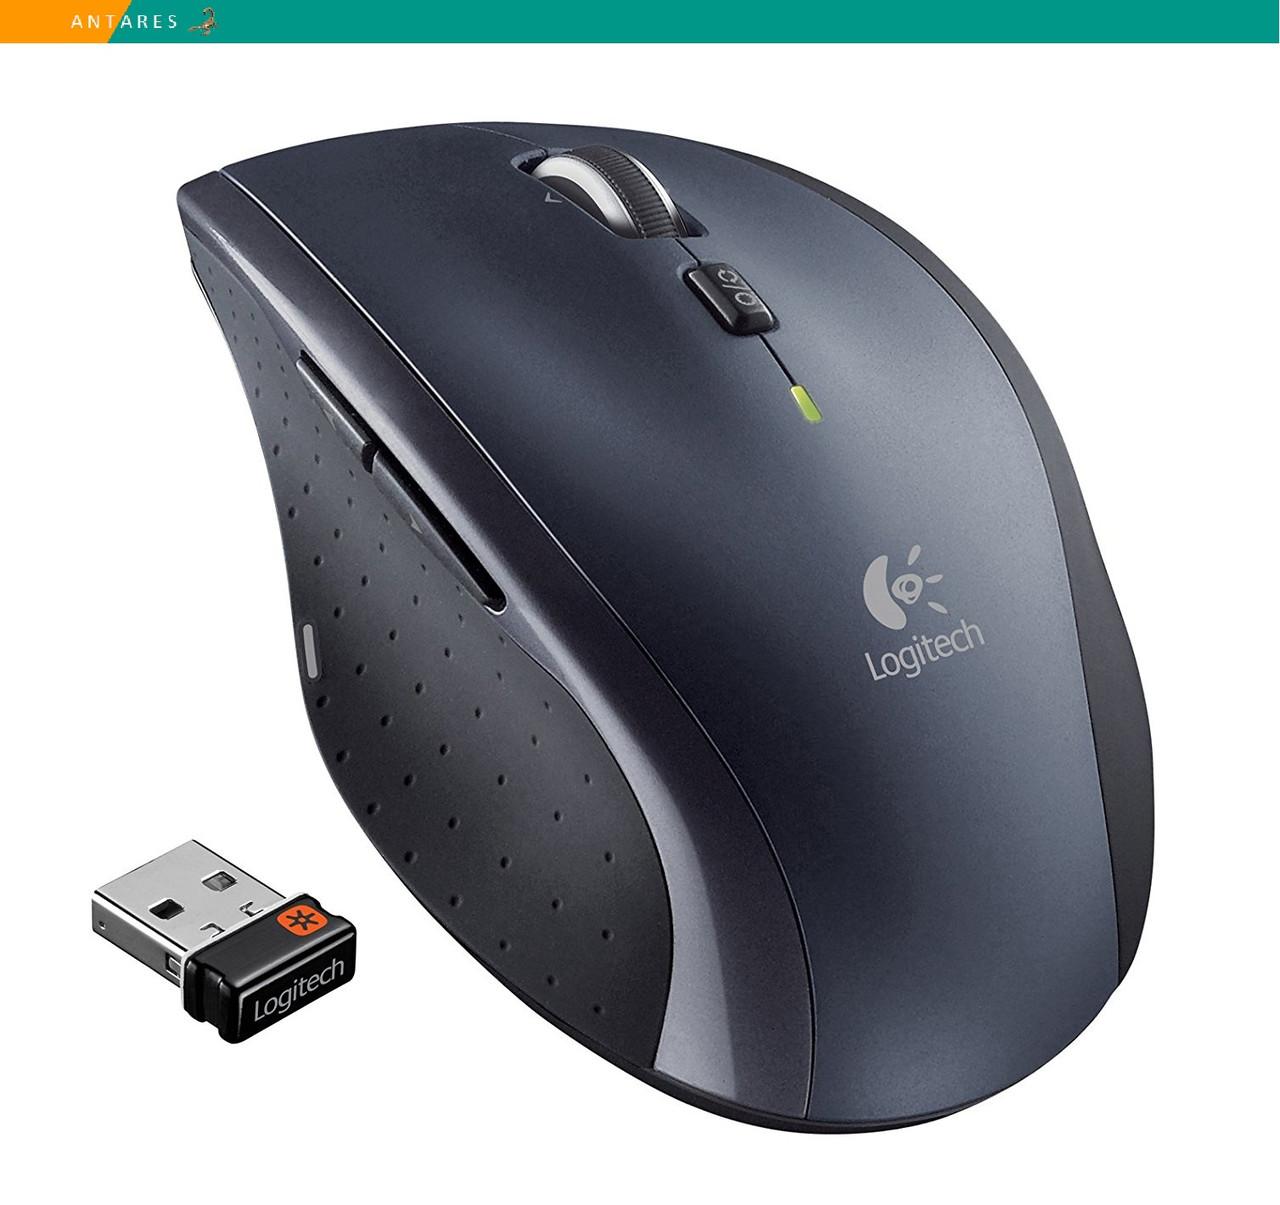 Мышь Logitech M705 Marathon Mouse беспроводная 3 года автономной работы, фото 1